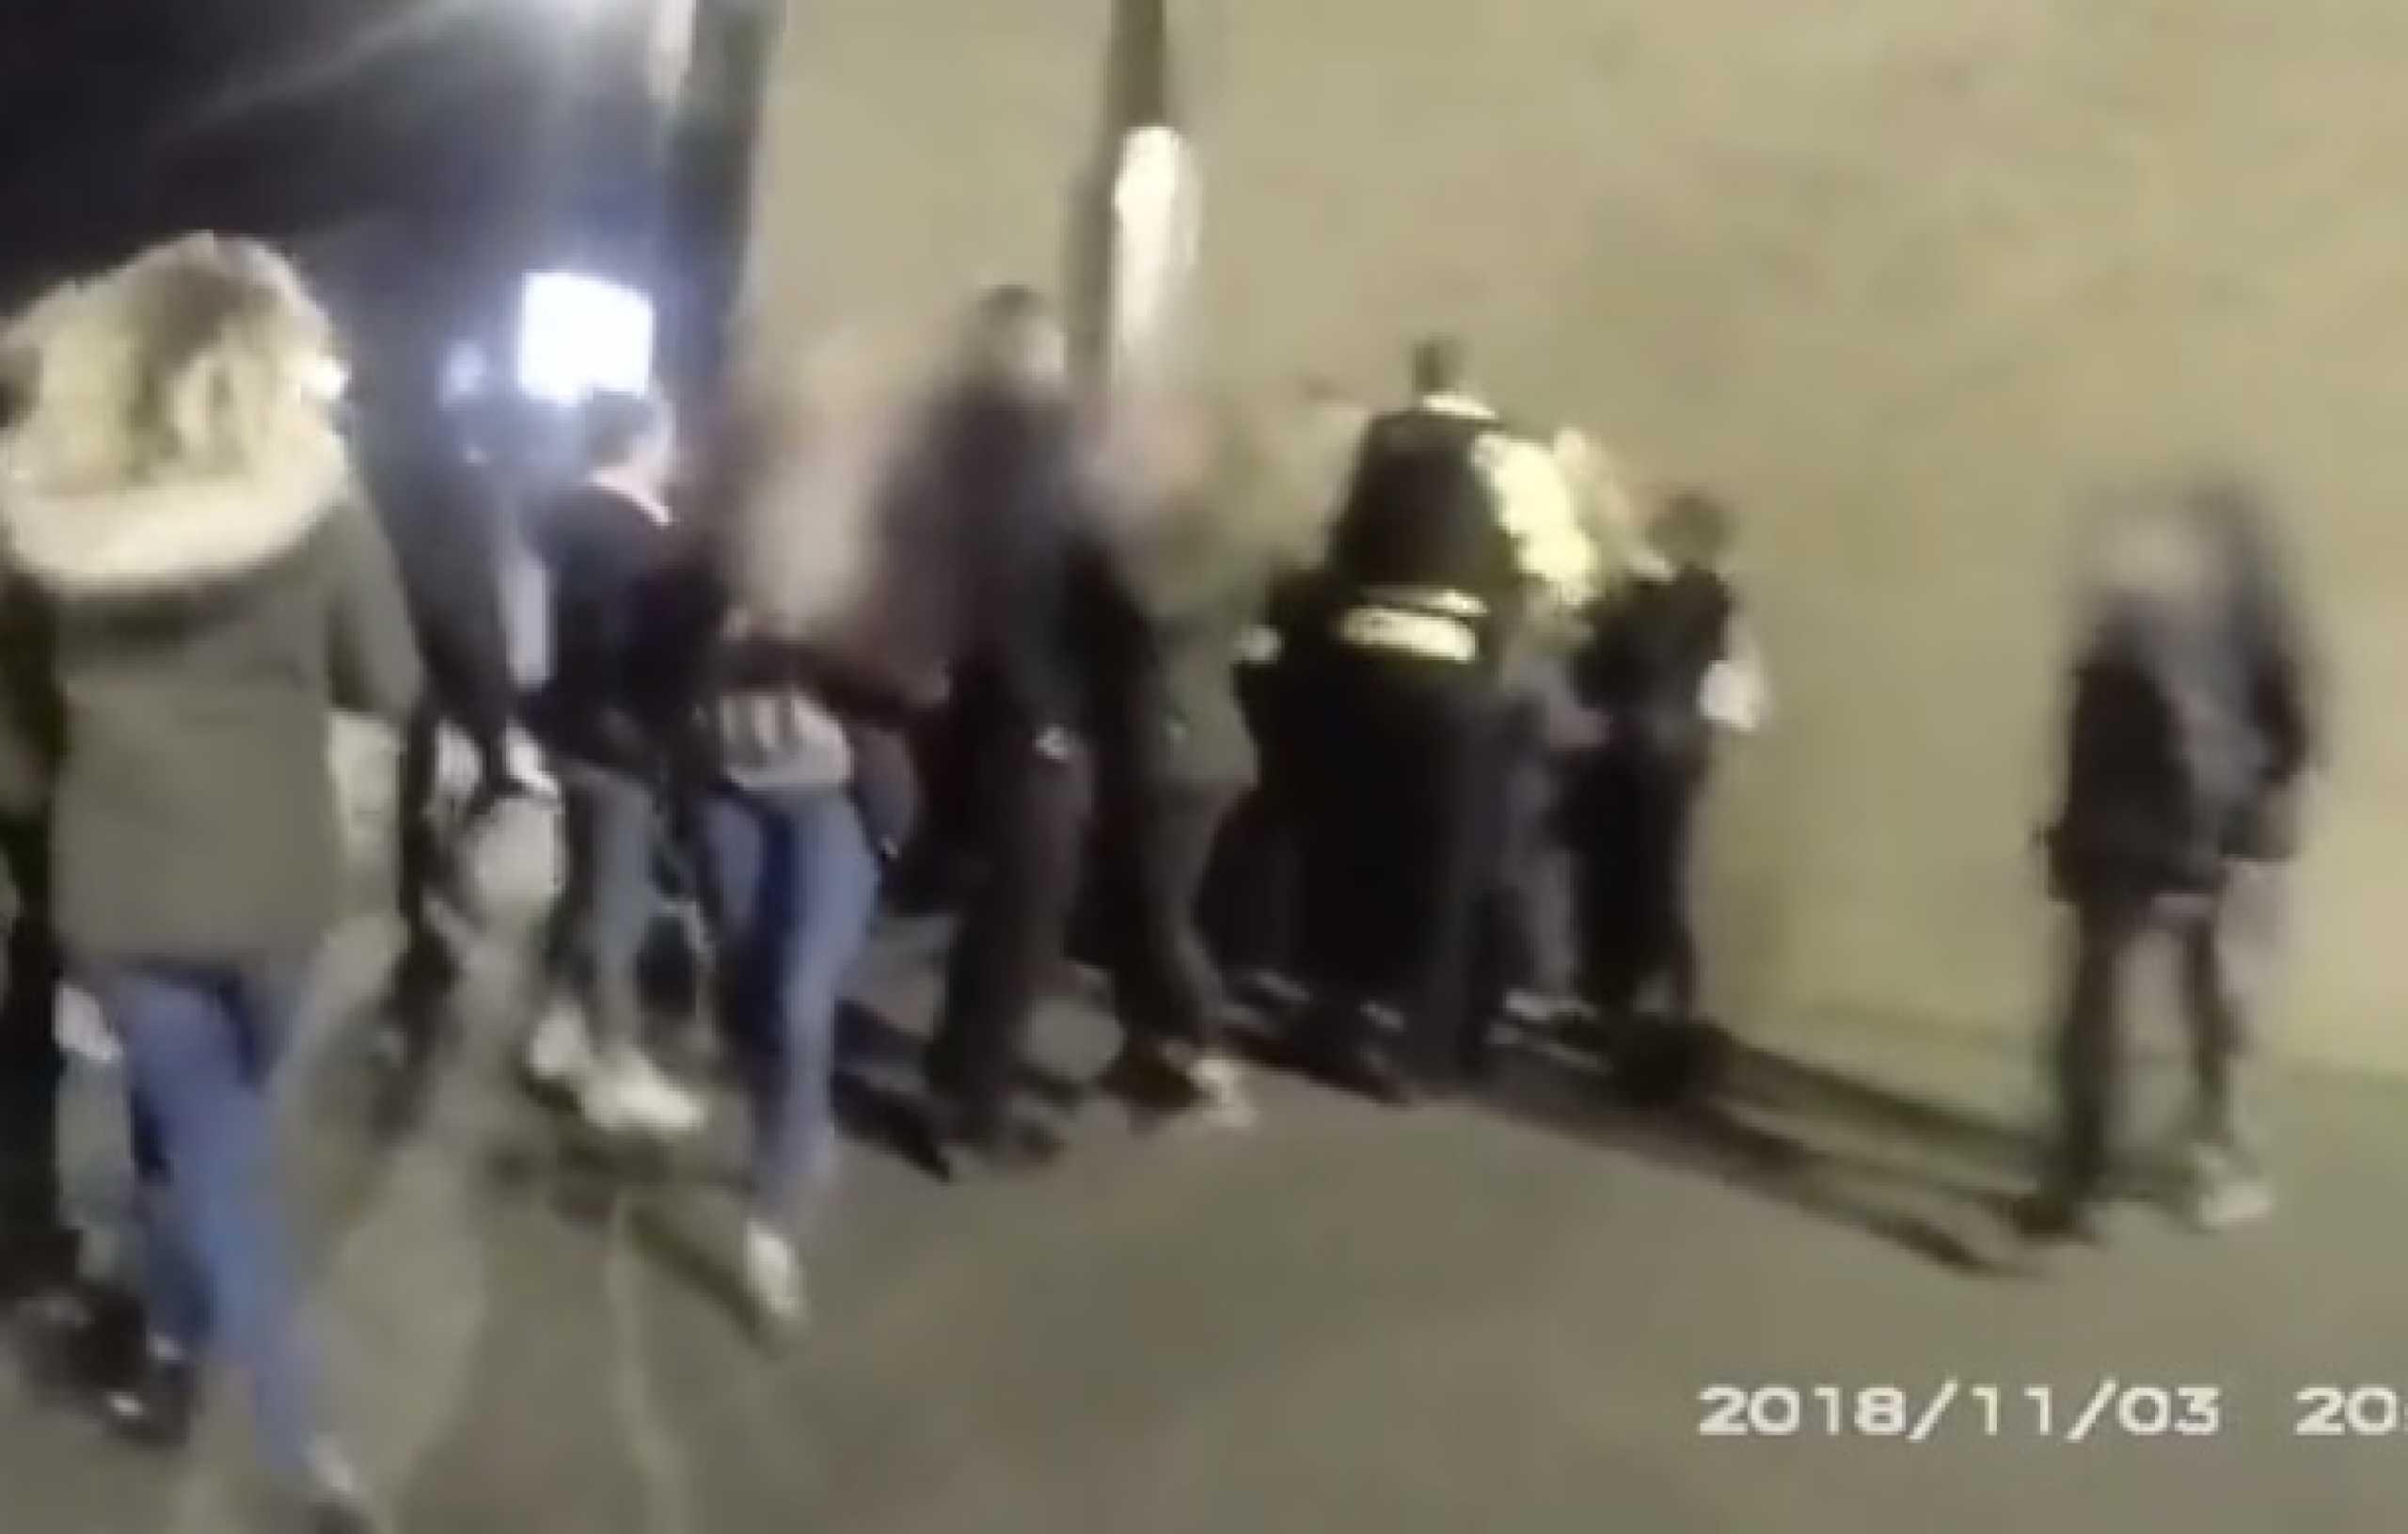 Grupo de 100 jovens cerca polícia e ataca-a com paus e pirotecnia